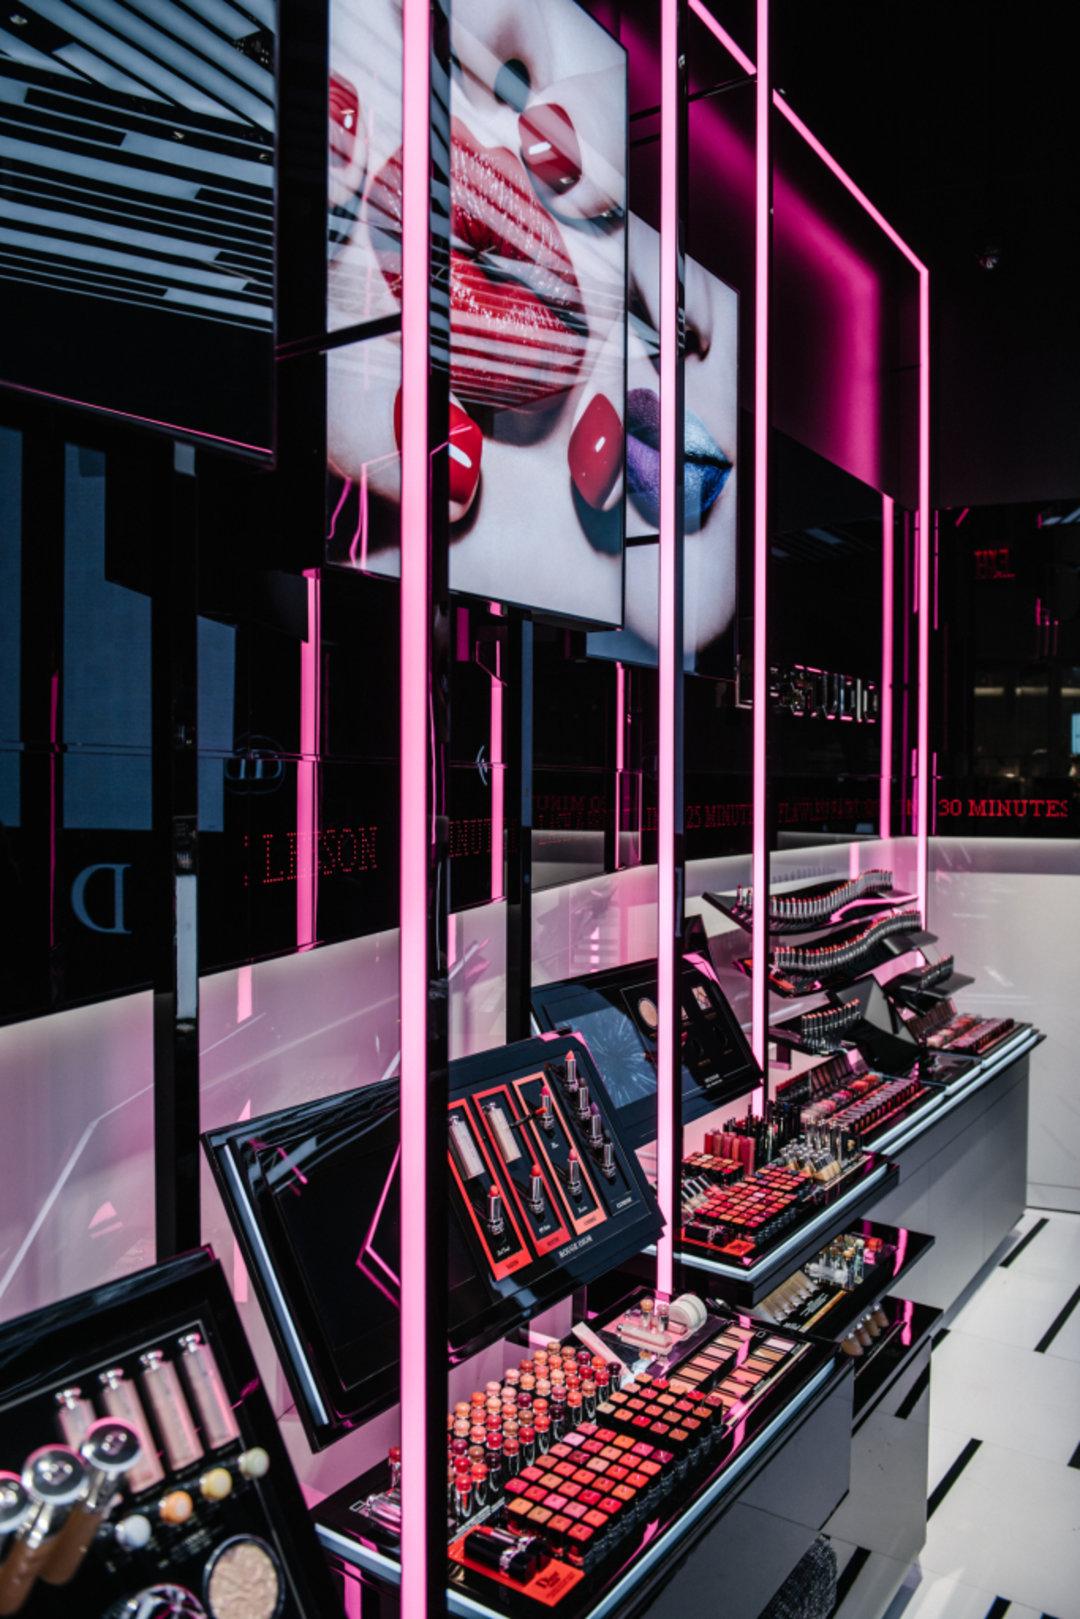 Dior在纽约开了第一家化妆品精品店,重点推荐它的彩妆